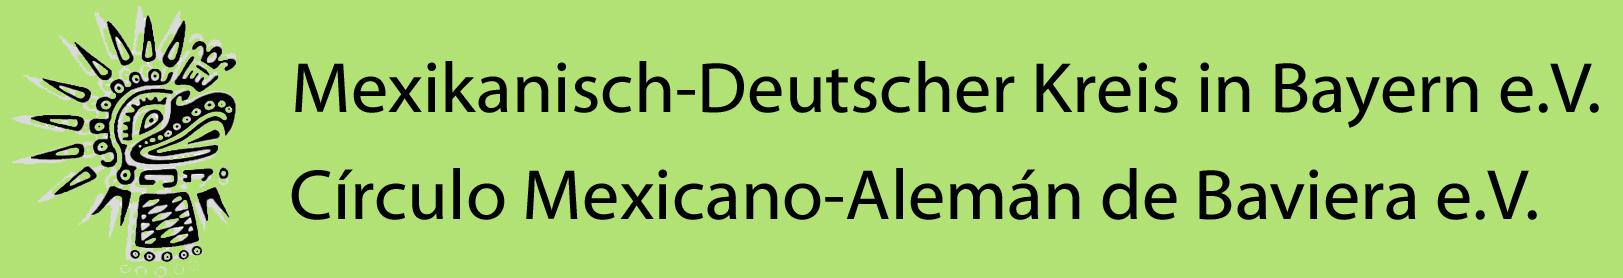 Mexikanisch-Deutscher Kreis in Bayern e.V.